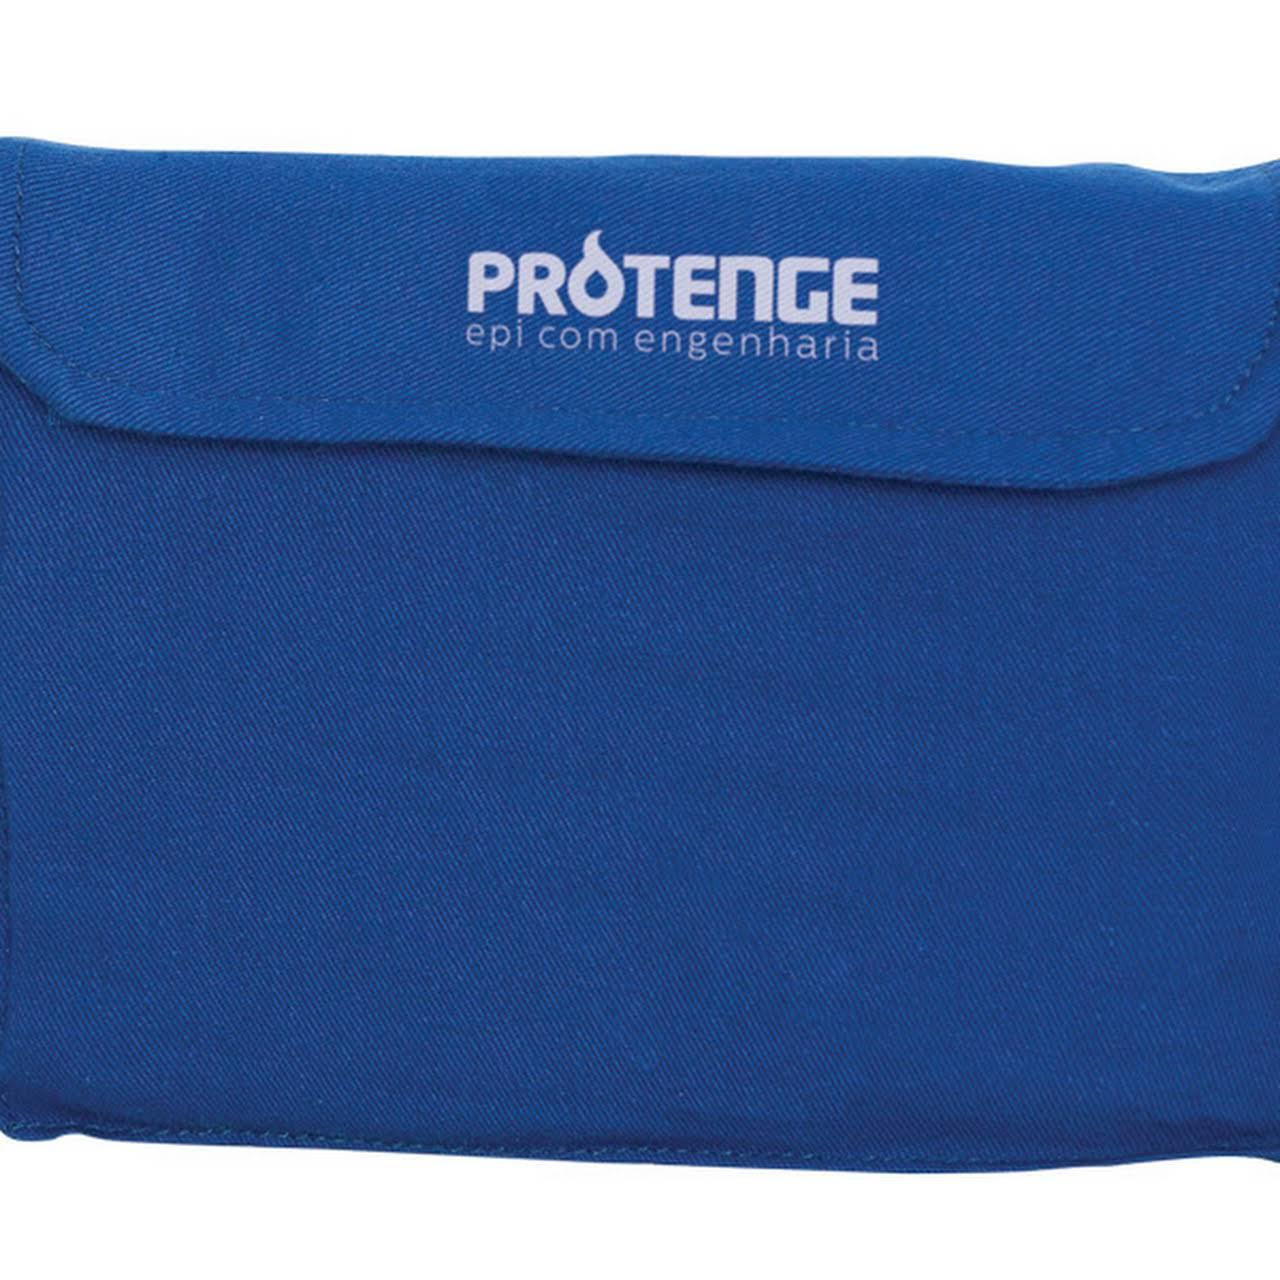 Protenge Equipamentos de Proteção Individual - Fábrica de ... 837d0f268e